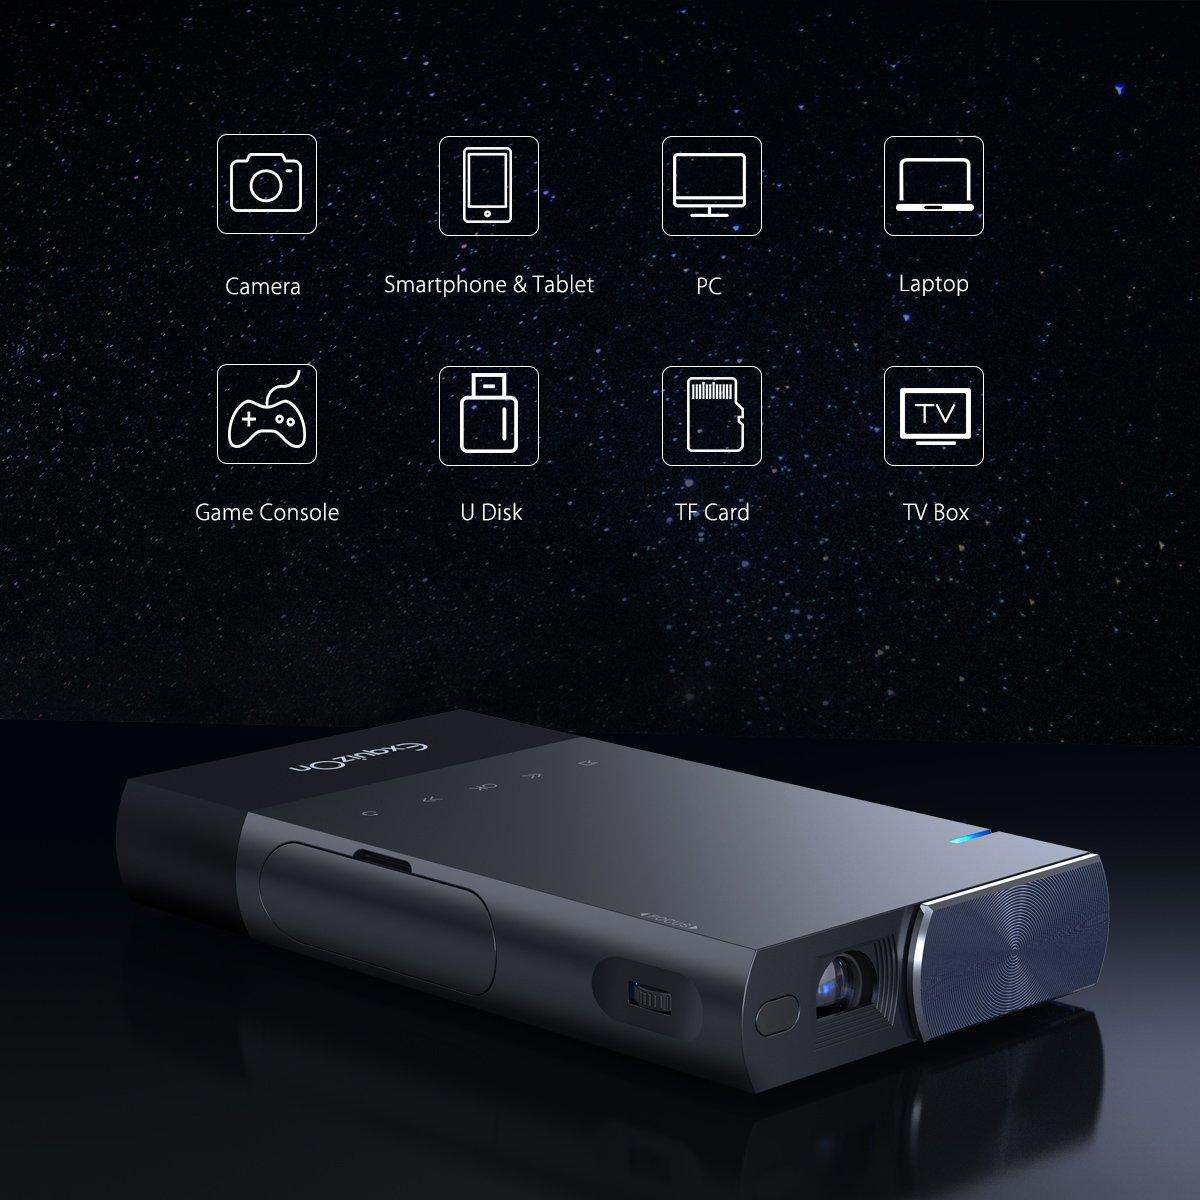 ExquizOn S1 Mini proiettore Portatile 100 ANSI Lumen DLP proiettore Supporto 1080P per iPhone//Android//Giochi//Laptop//TV Box Presentazioni Home Cinema ed Aria Aperta